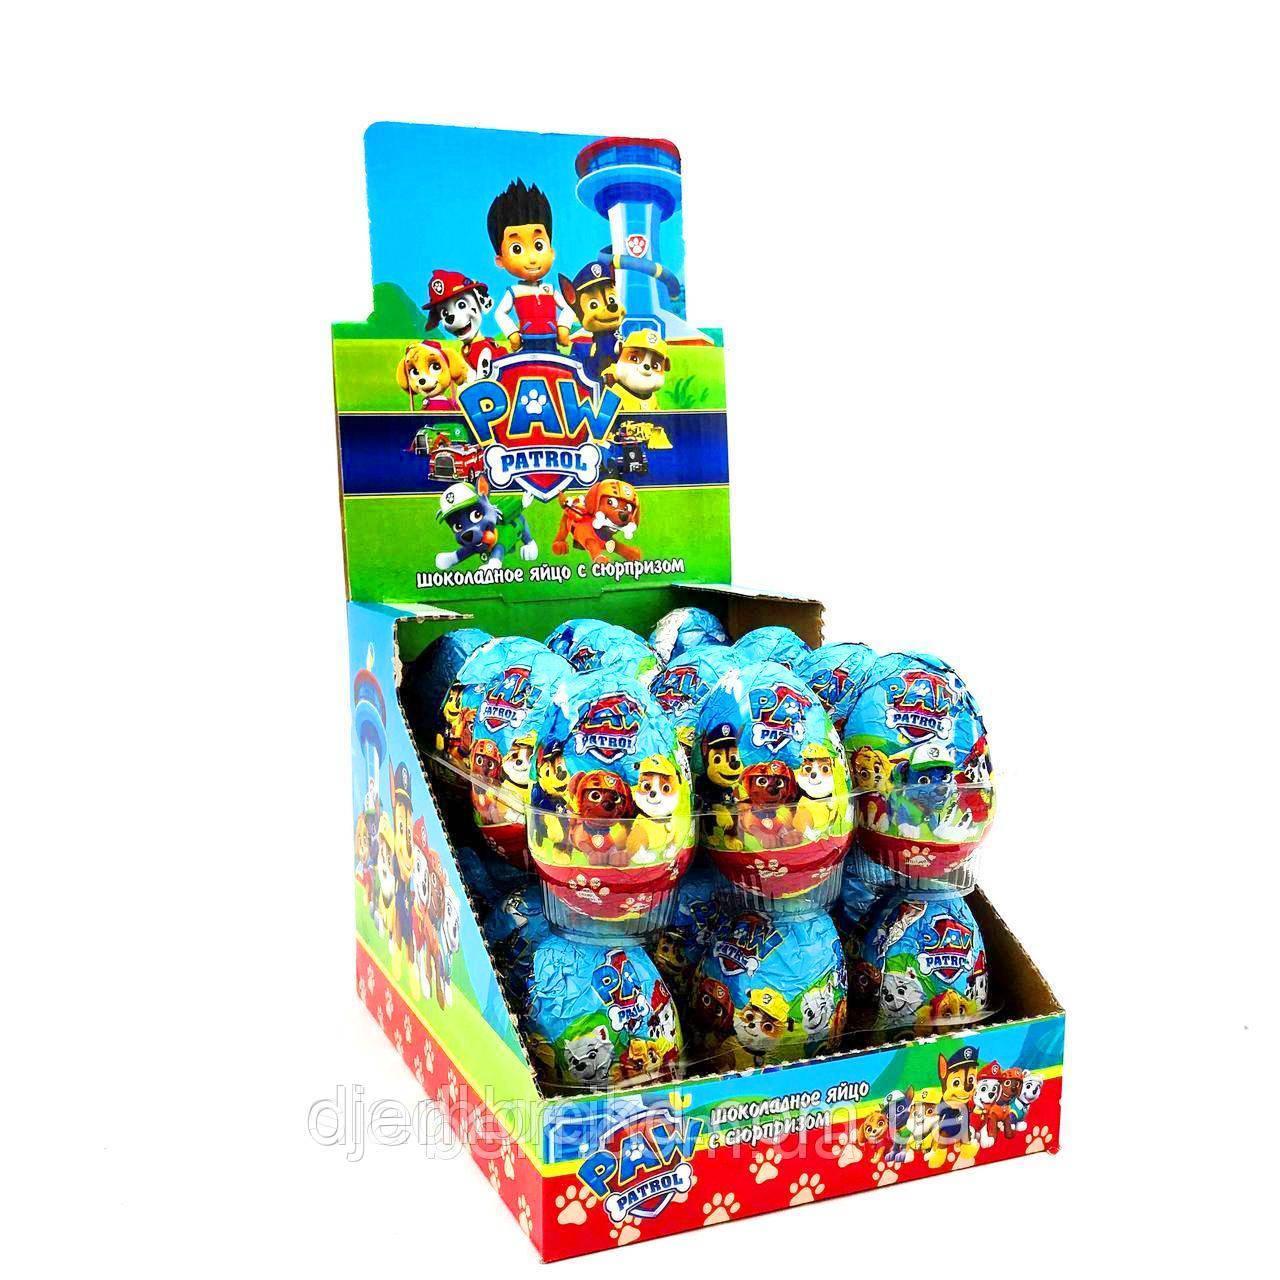 """Шоколадные яйца с сюрпризом """"Щенячий патруль"""", 24 шт, цена 120 грн., купить в Киеве — Prom.ua (ID#876728993)"""